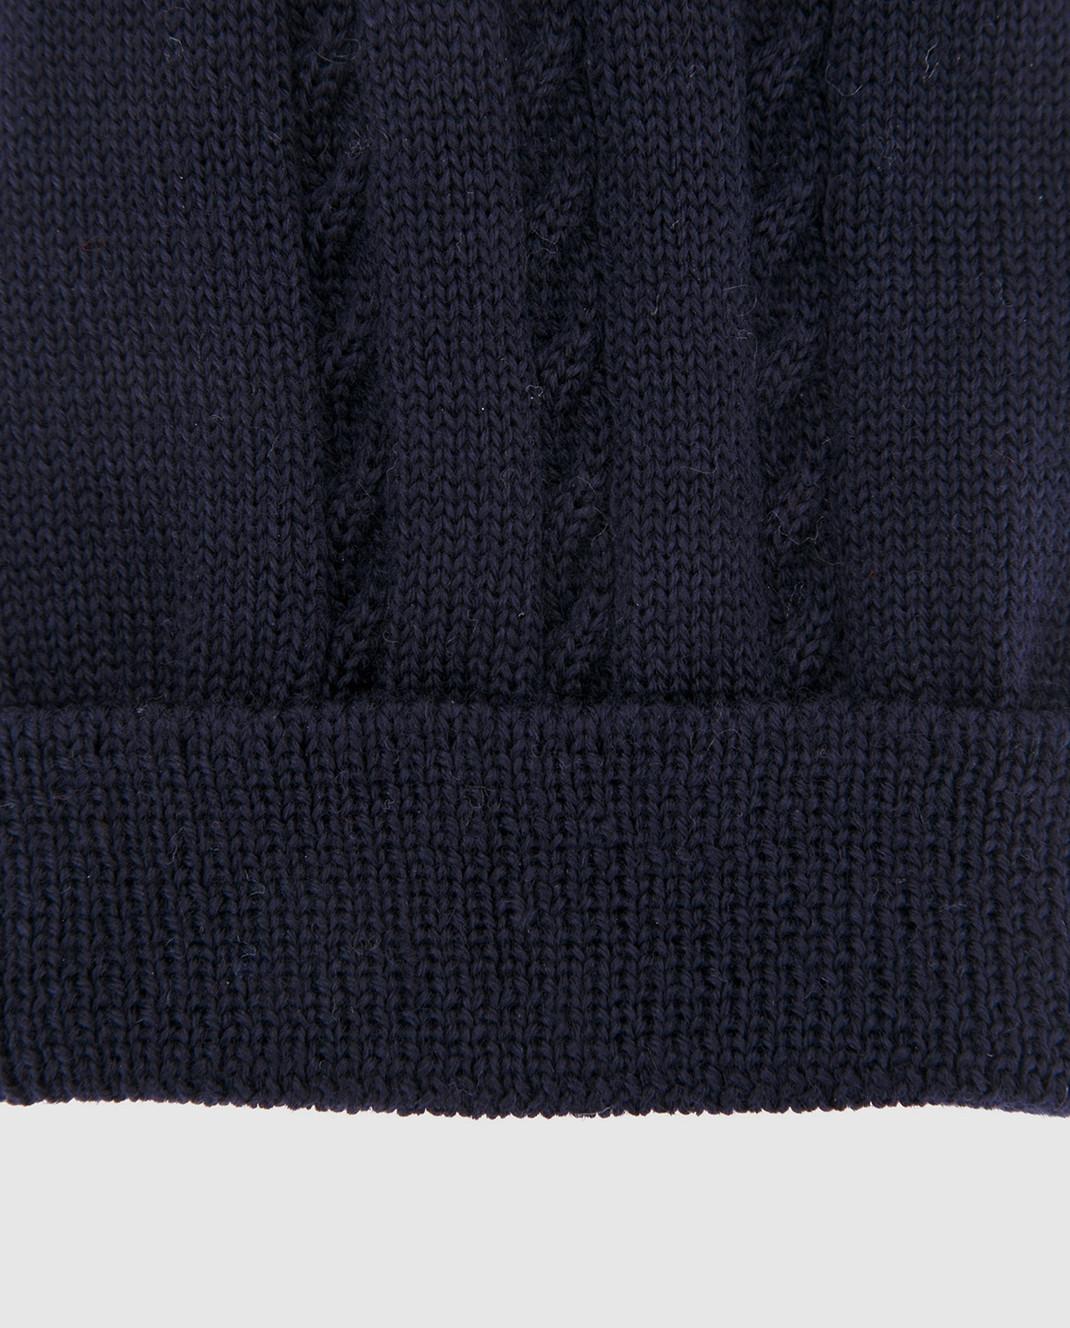 Catya Детская темно-синяя шапка изображение 3